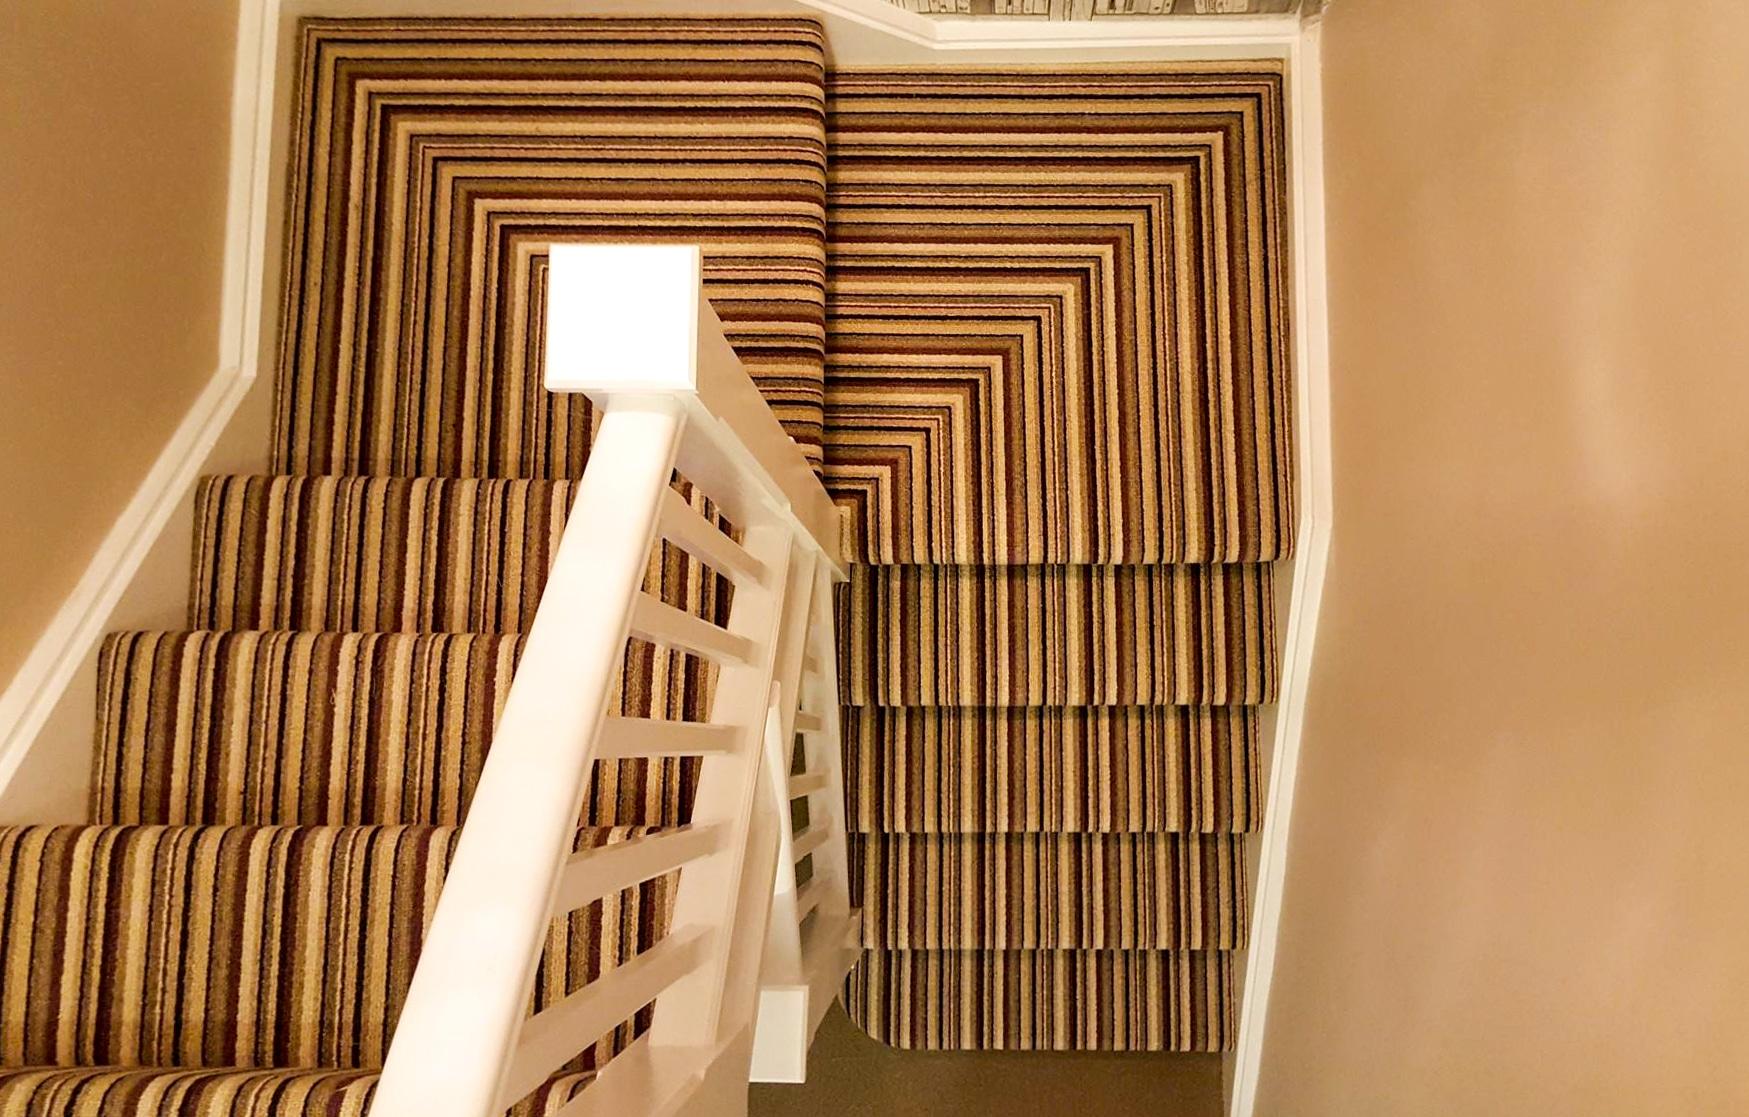 All 4 Floors Image 2